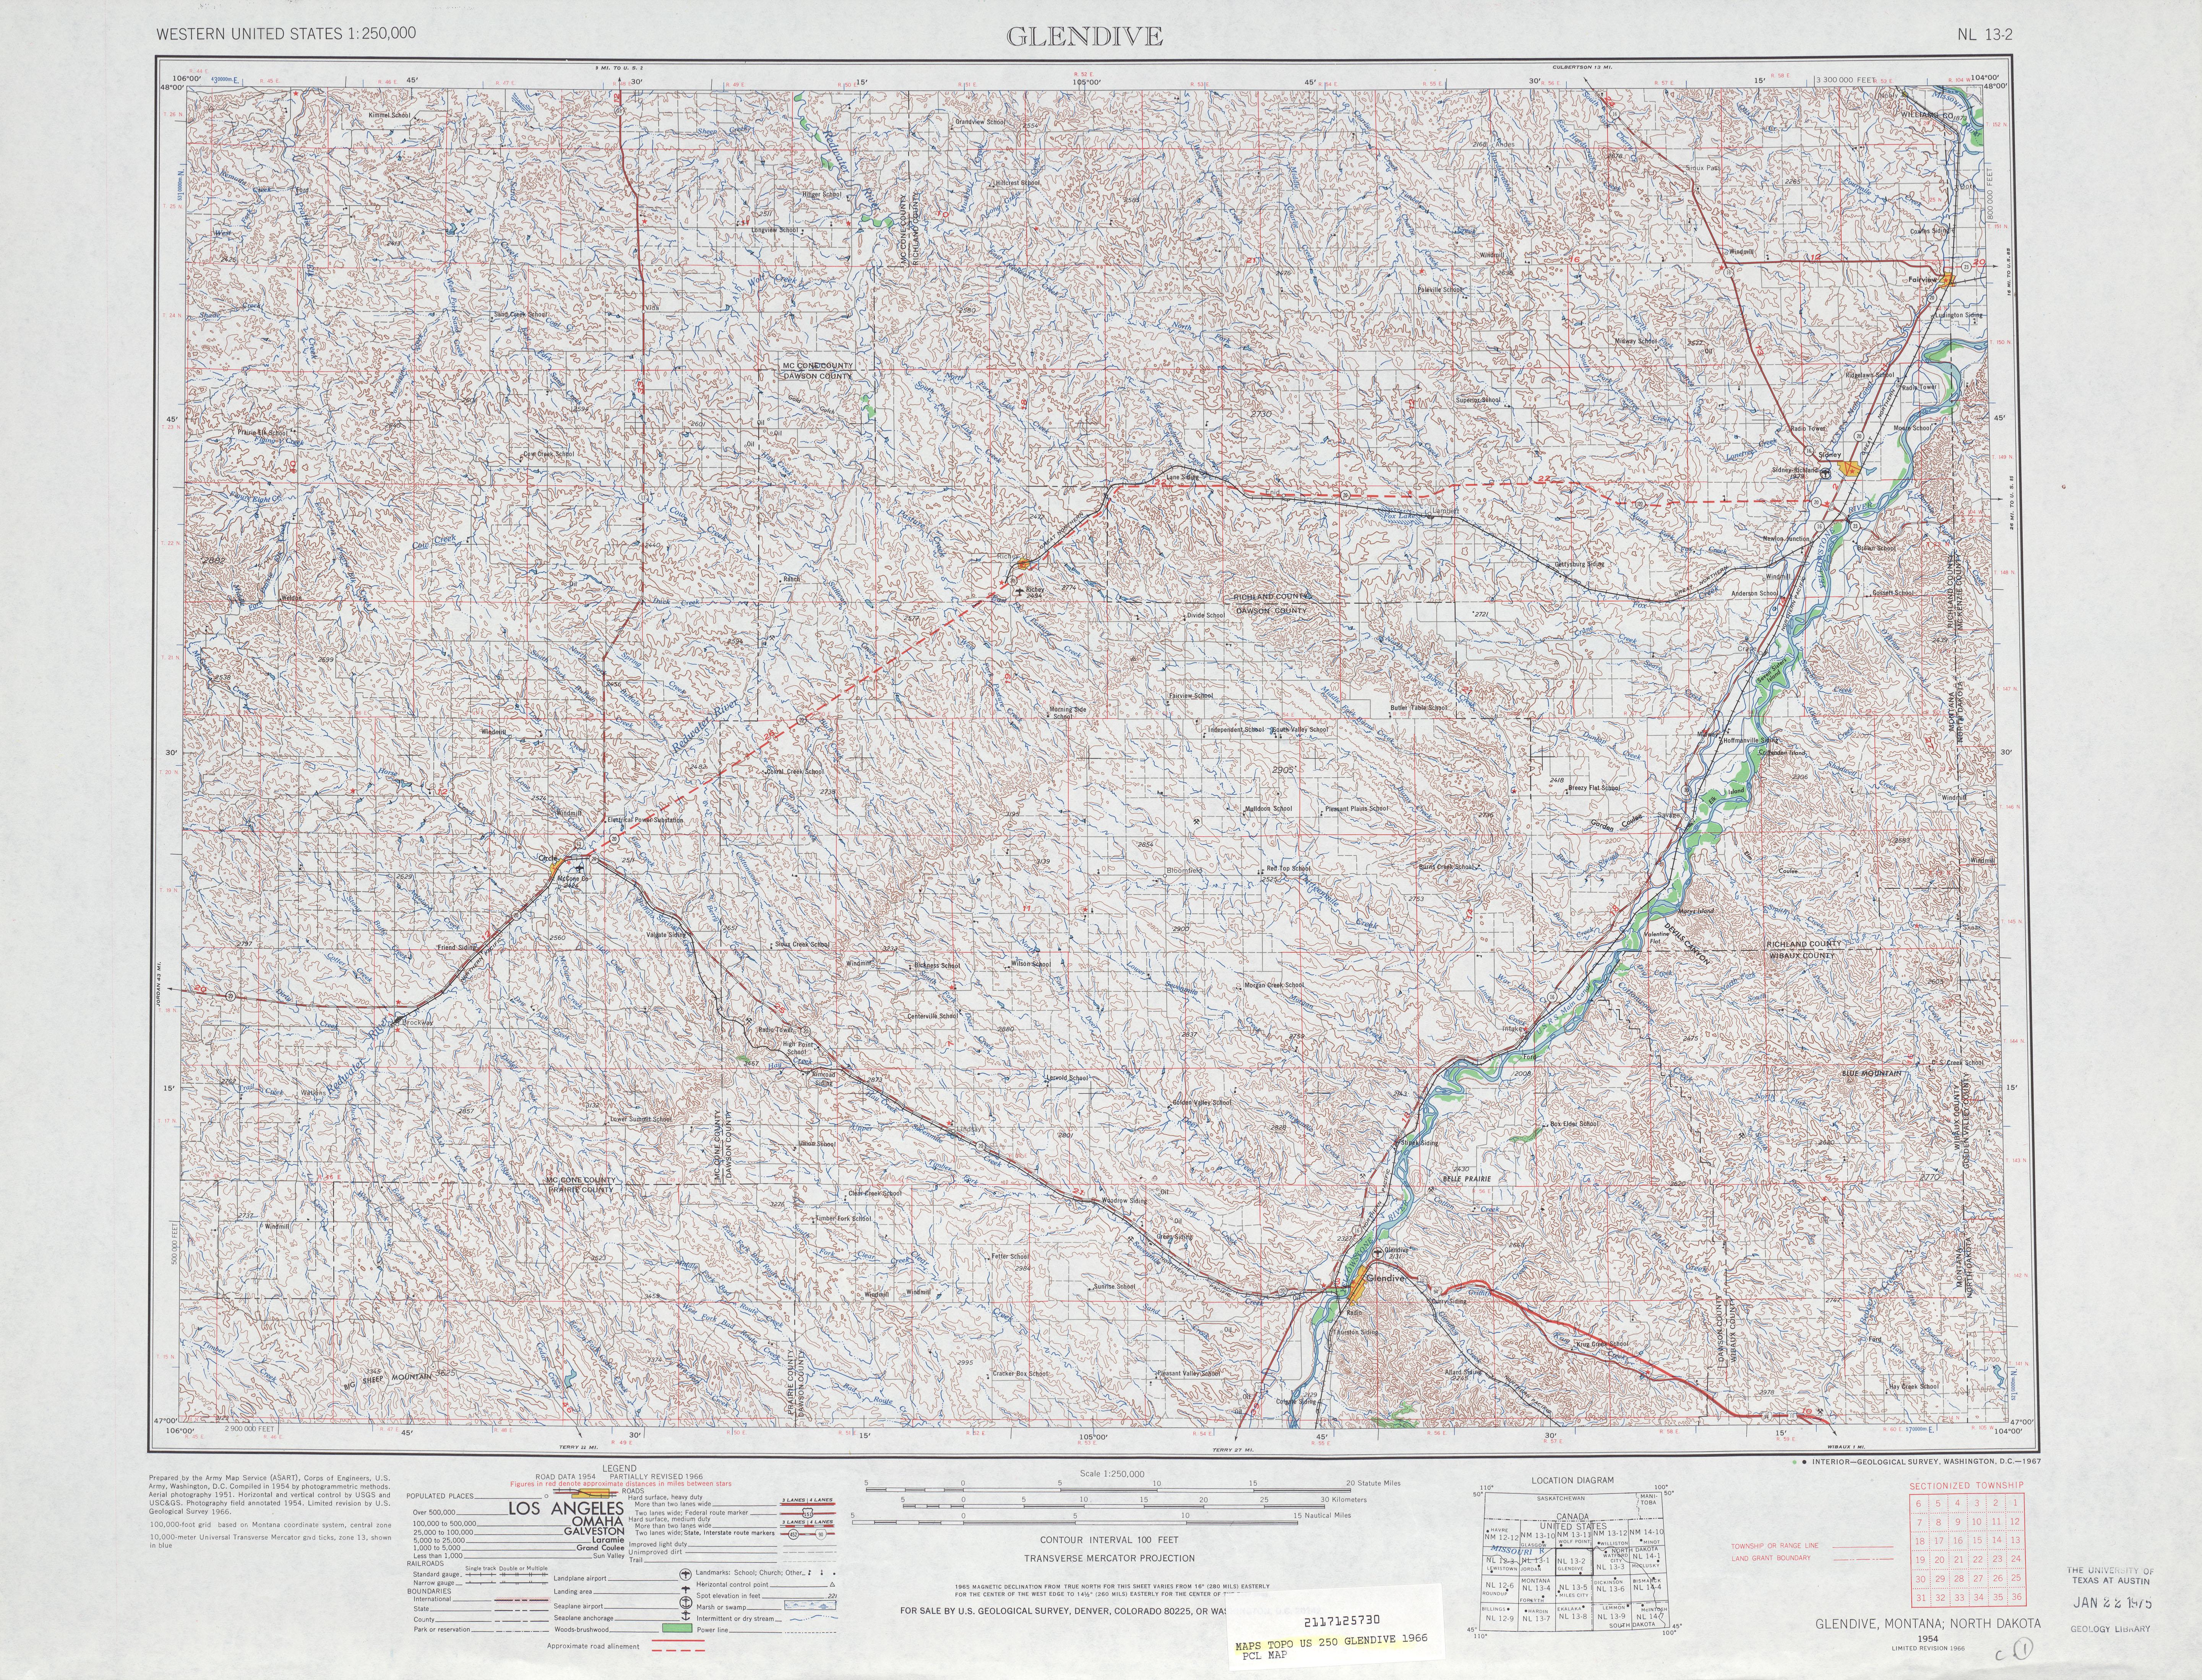 Hoja Glendive del Mapa Topográfico de los Estados Unidos 1966